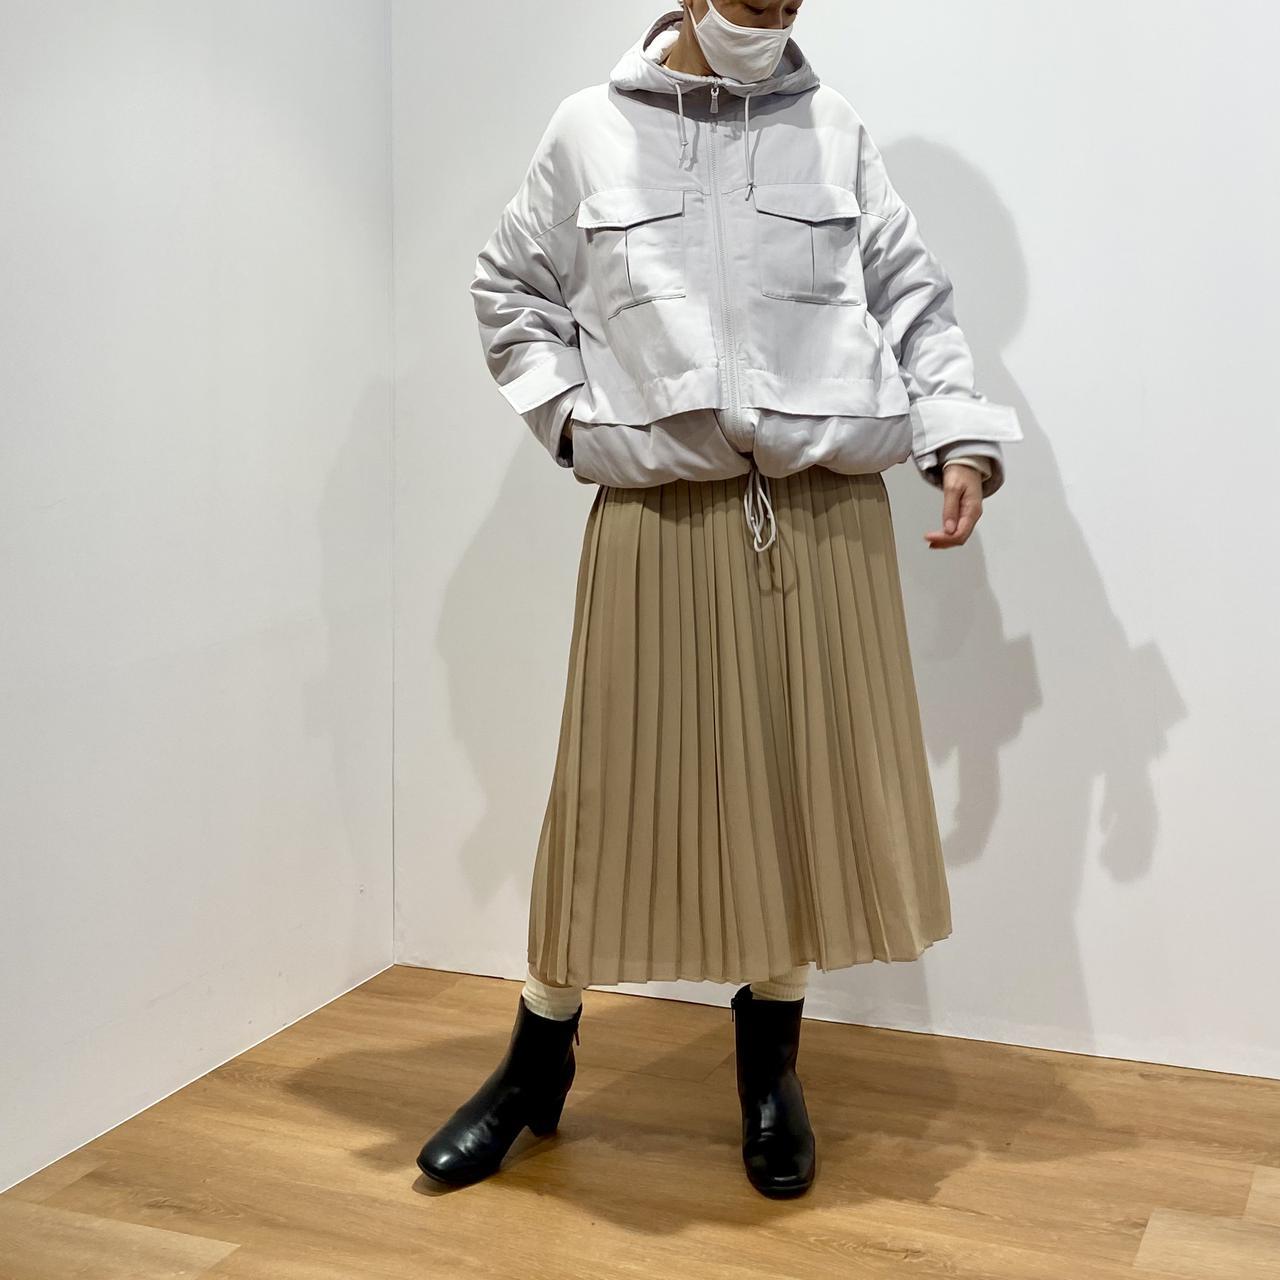 画像1: ハイブリッドダウンオーバーサイズパーカ¥9,990/ユニクロ(ユニクロ アンド ホワイトマウンテニアリング) 出典:fashion trend news